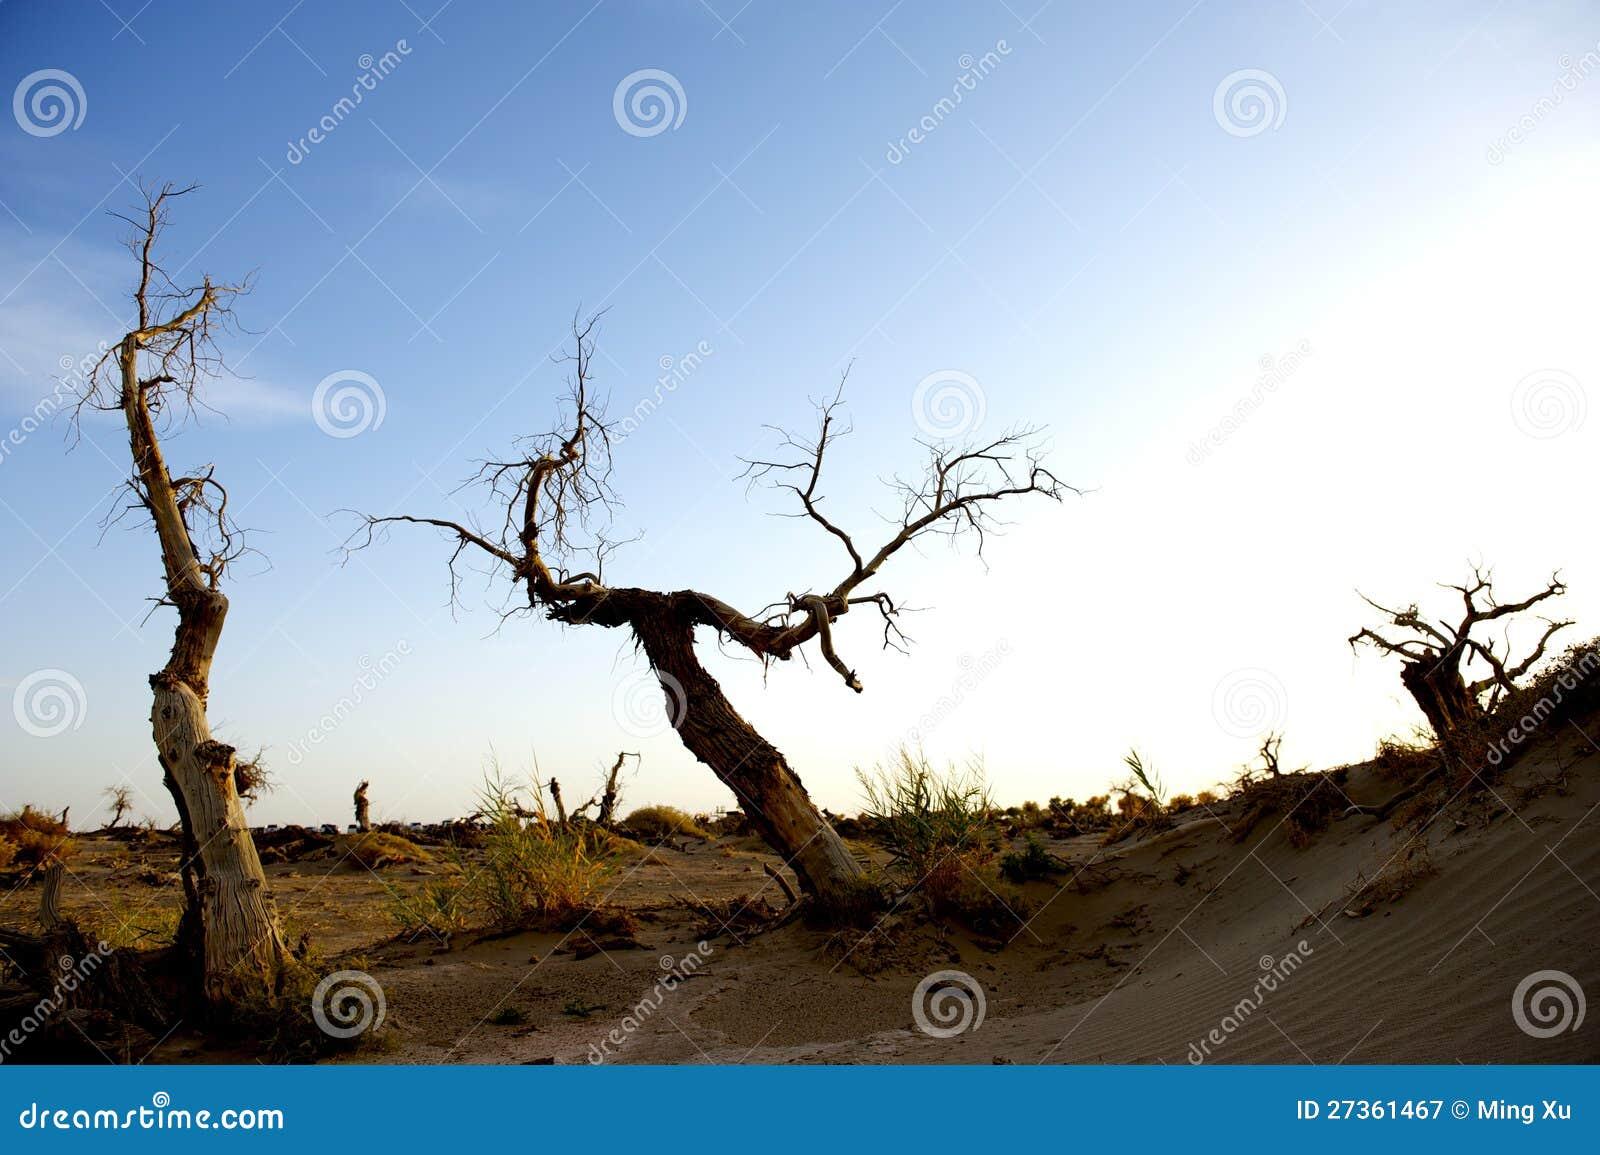 Populus tot in der Wüste.